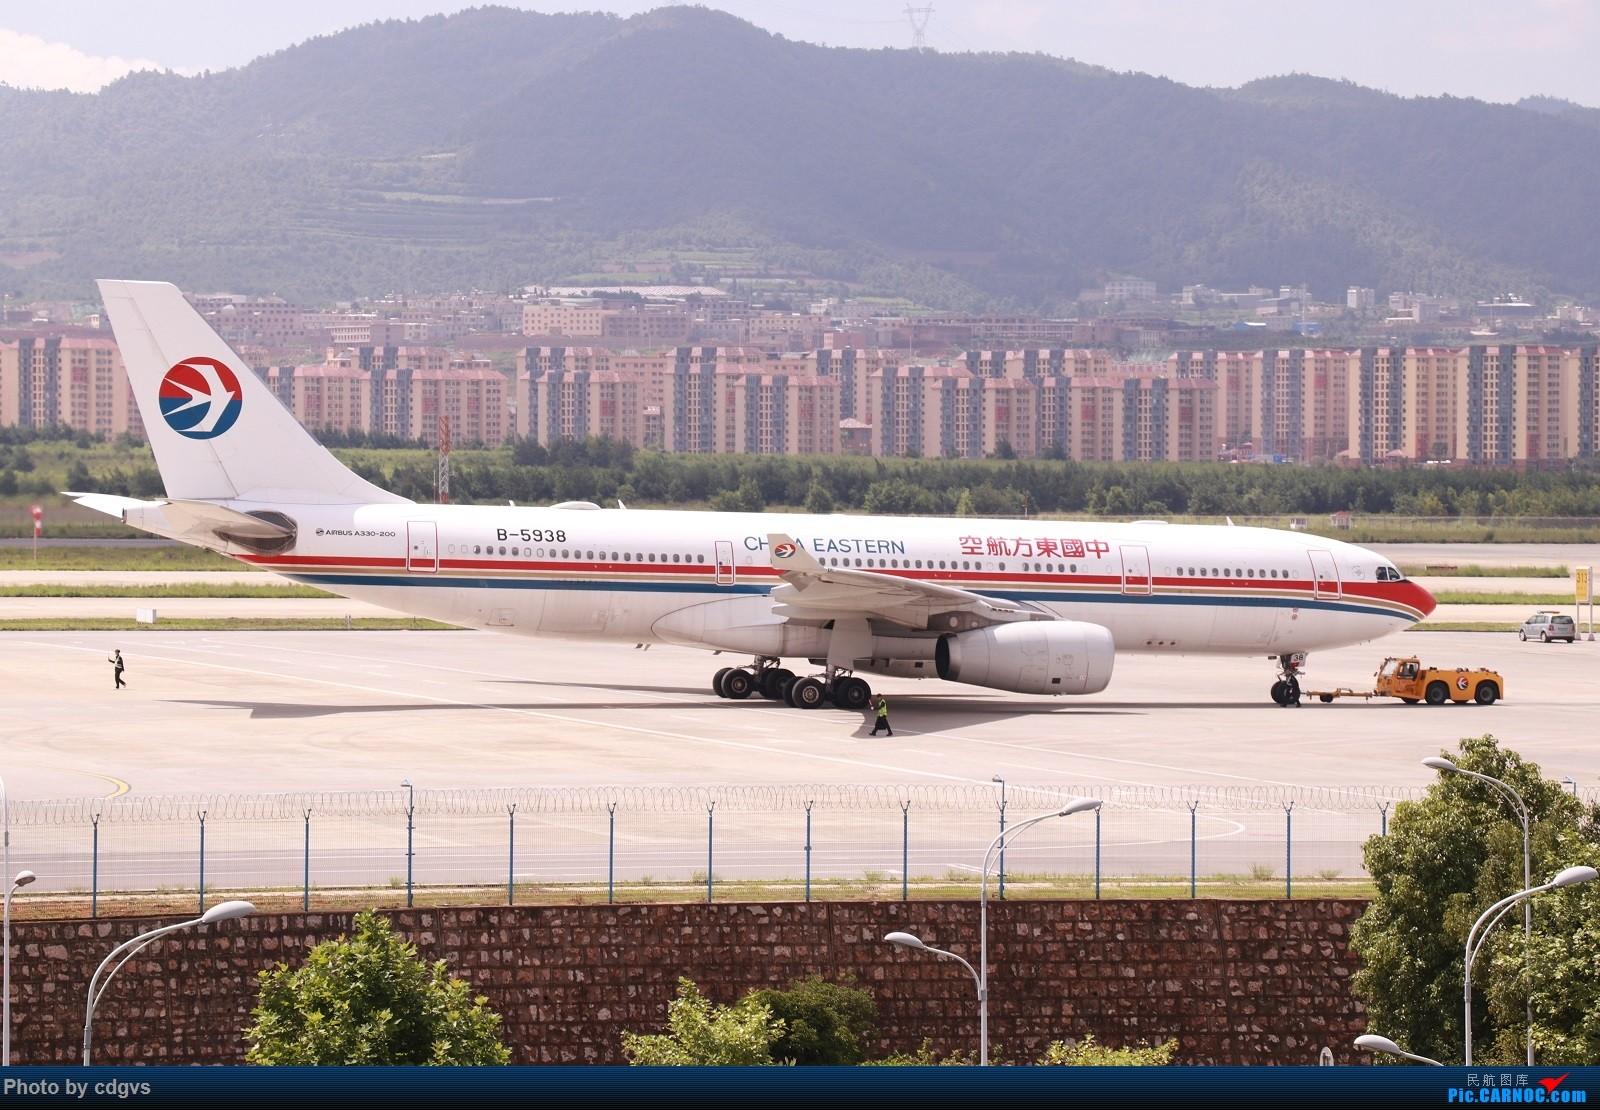 Re:[原创]【KMG】昆明的一天 1600大图 一次看个爽 AIRBUS A330-200 B-5938 中国昆明长水国际机场  CARNOC网友